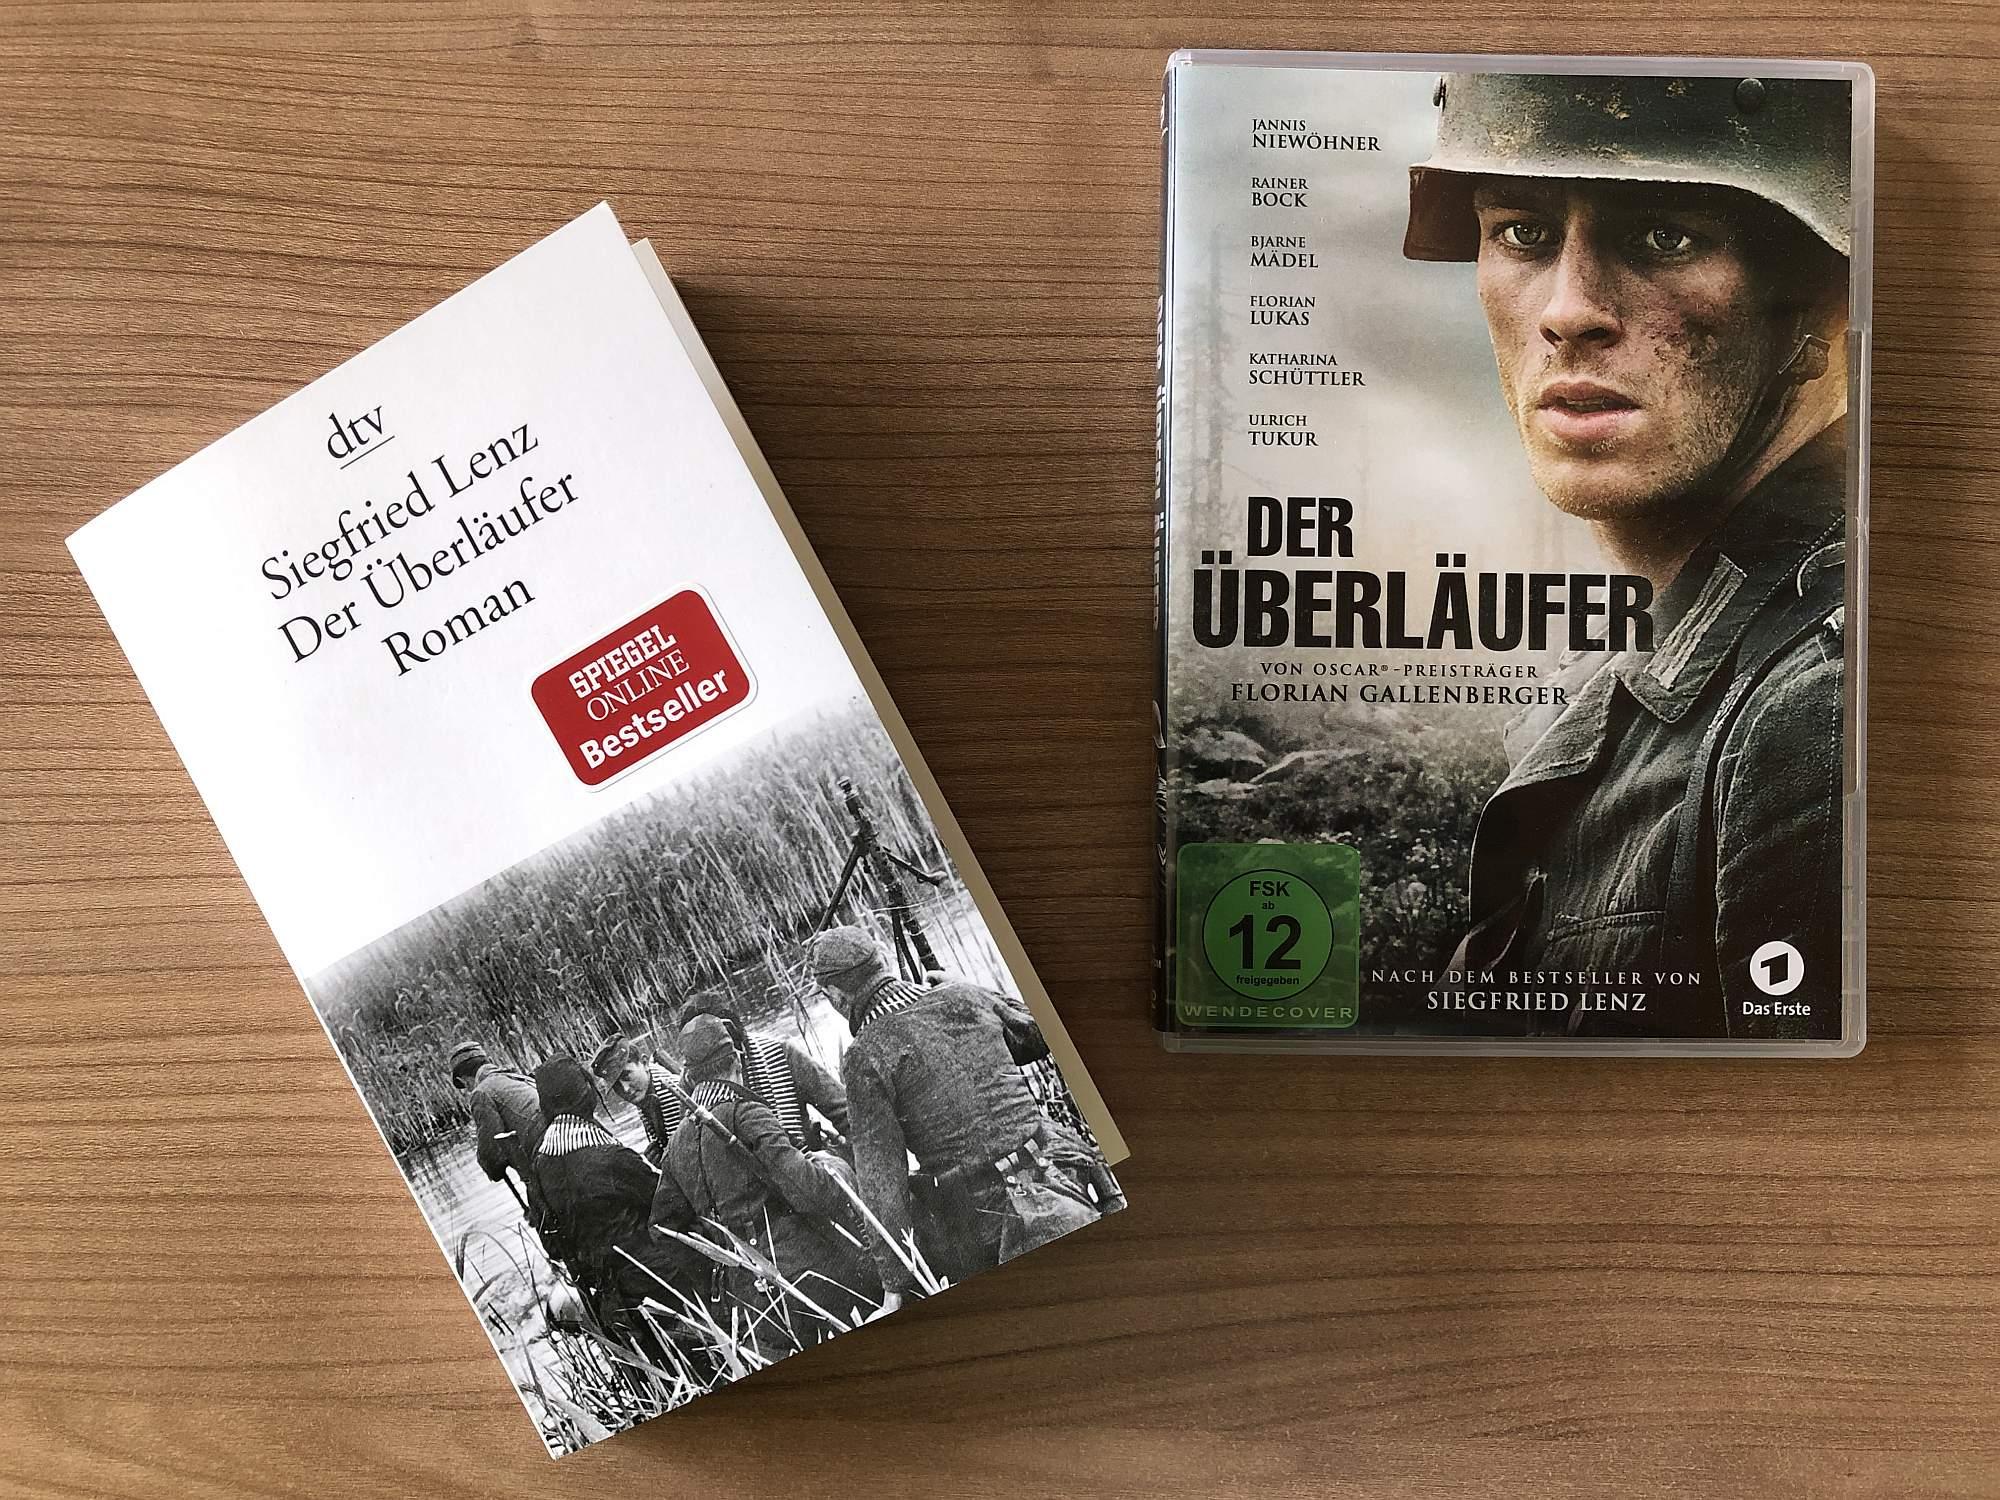 """""""Der Überläufer"""" behandelt zentrale Themen des II. Weltkriegs und überzeugt sowohl als Roman wie auch in seiner filmischen Umsetzung."""